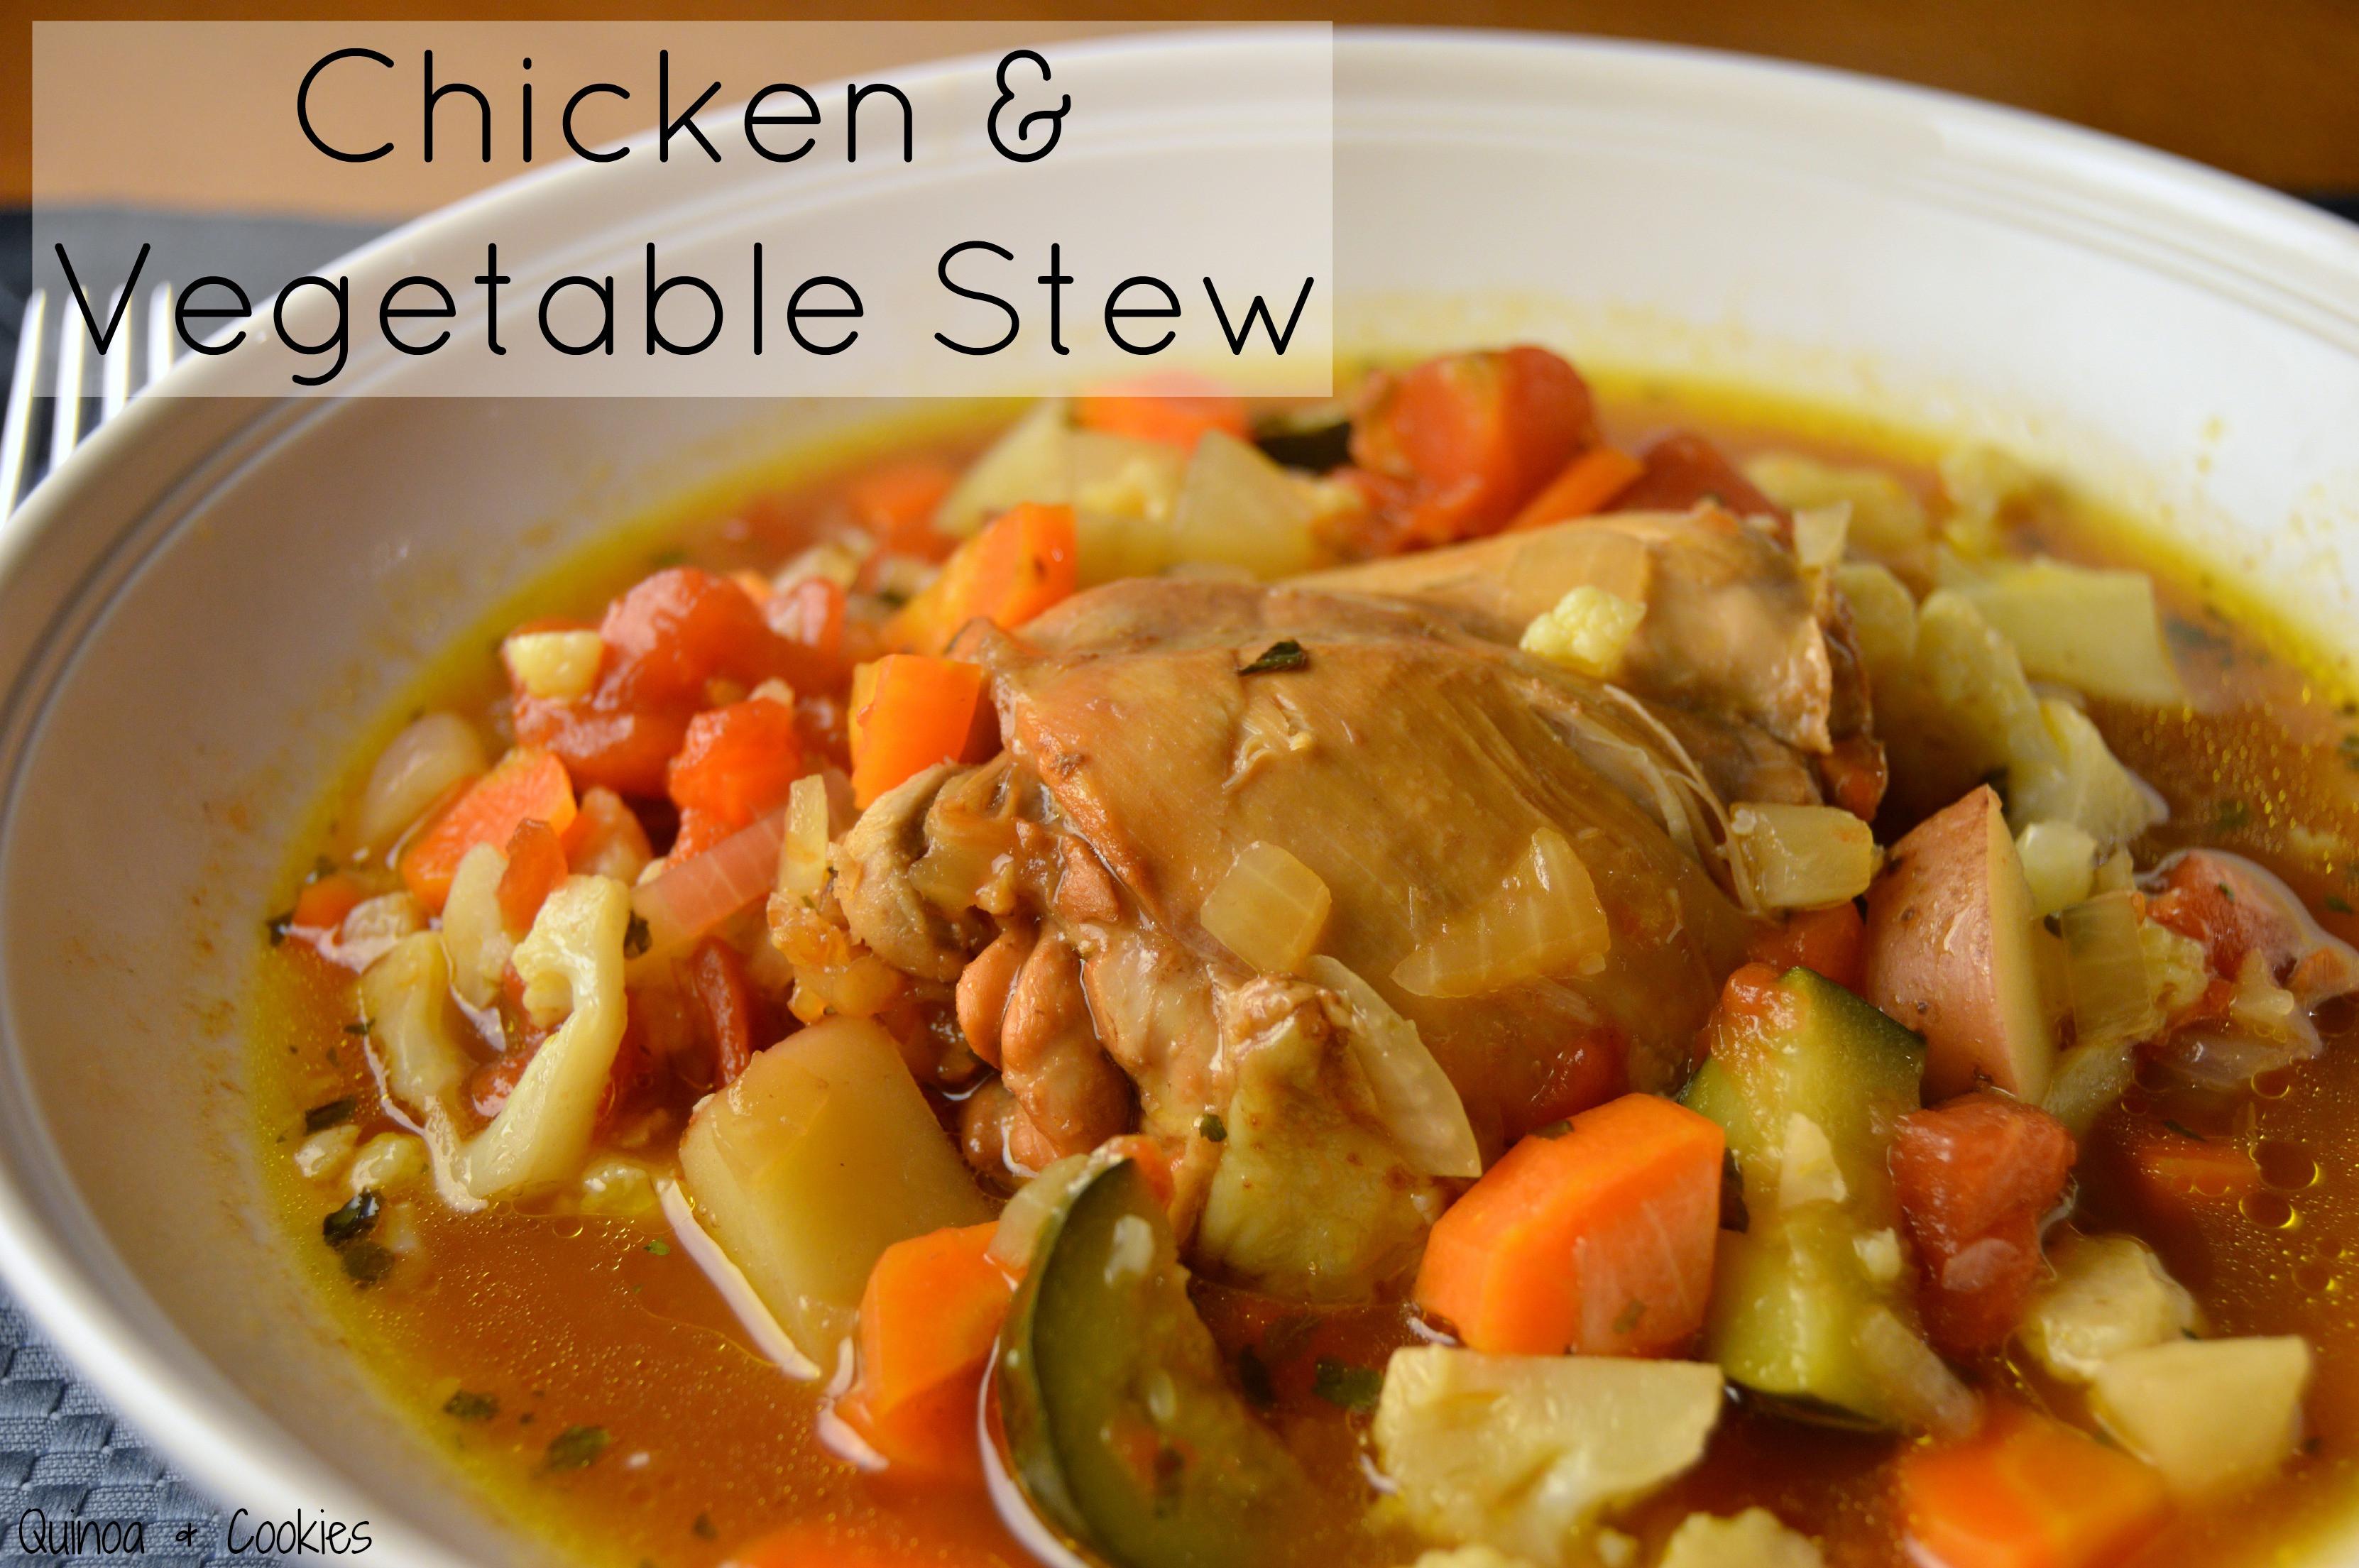 Chicken Vegetable Stew  Q is for Qatar Chicken Saloona Chicken & Ve able Stew